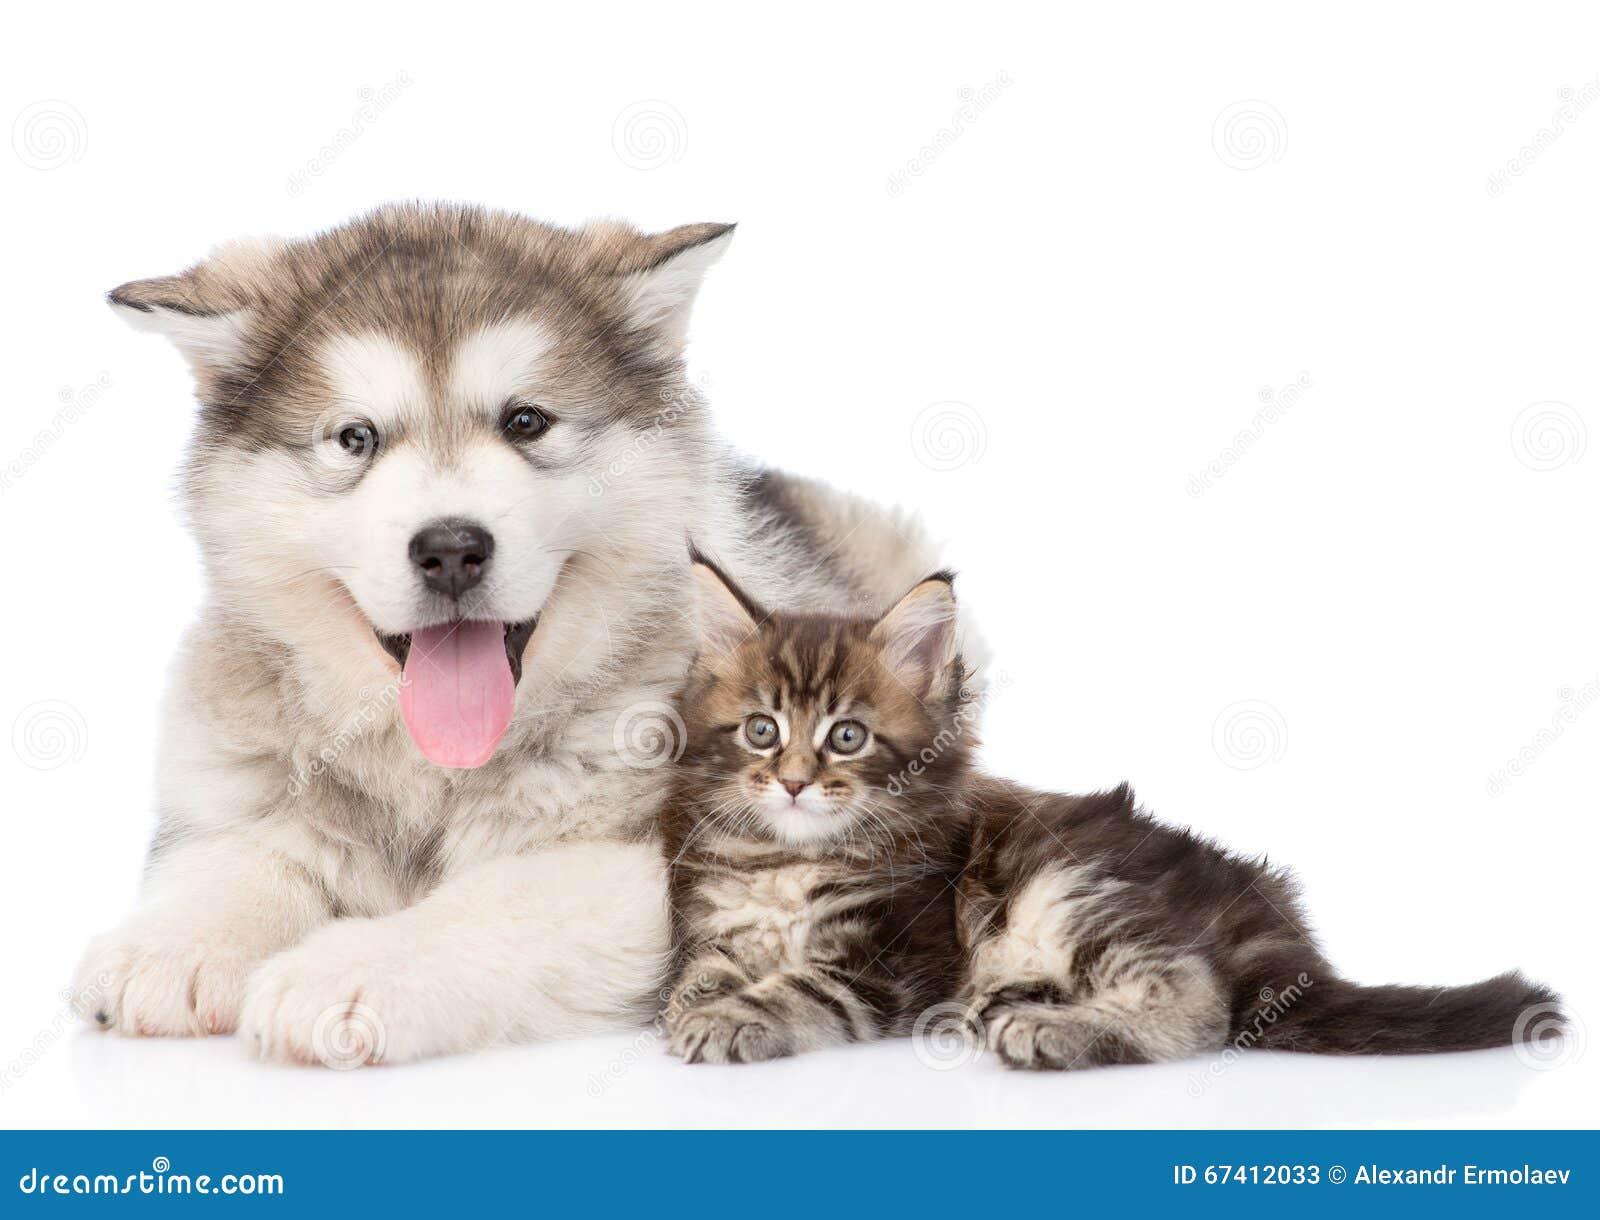 阿拉斯加的爱斯基摩狗一起狗和缅因树狸猫 查出在白色